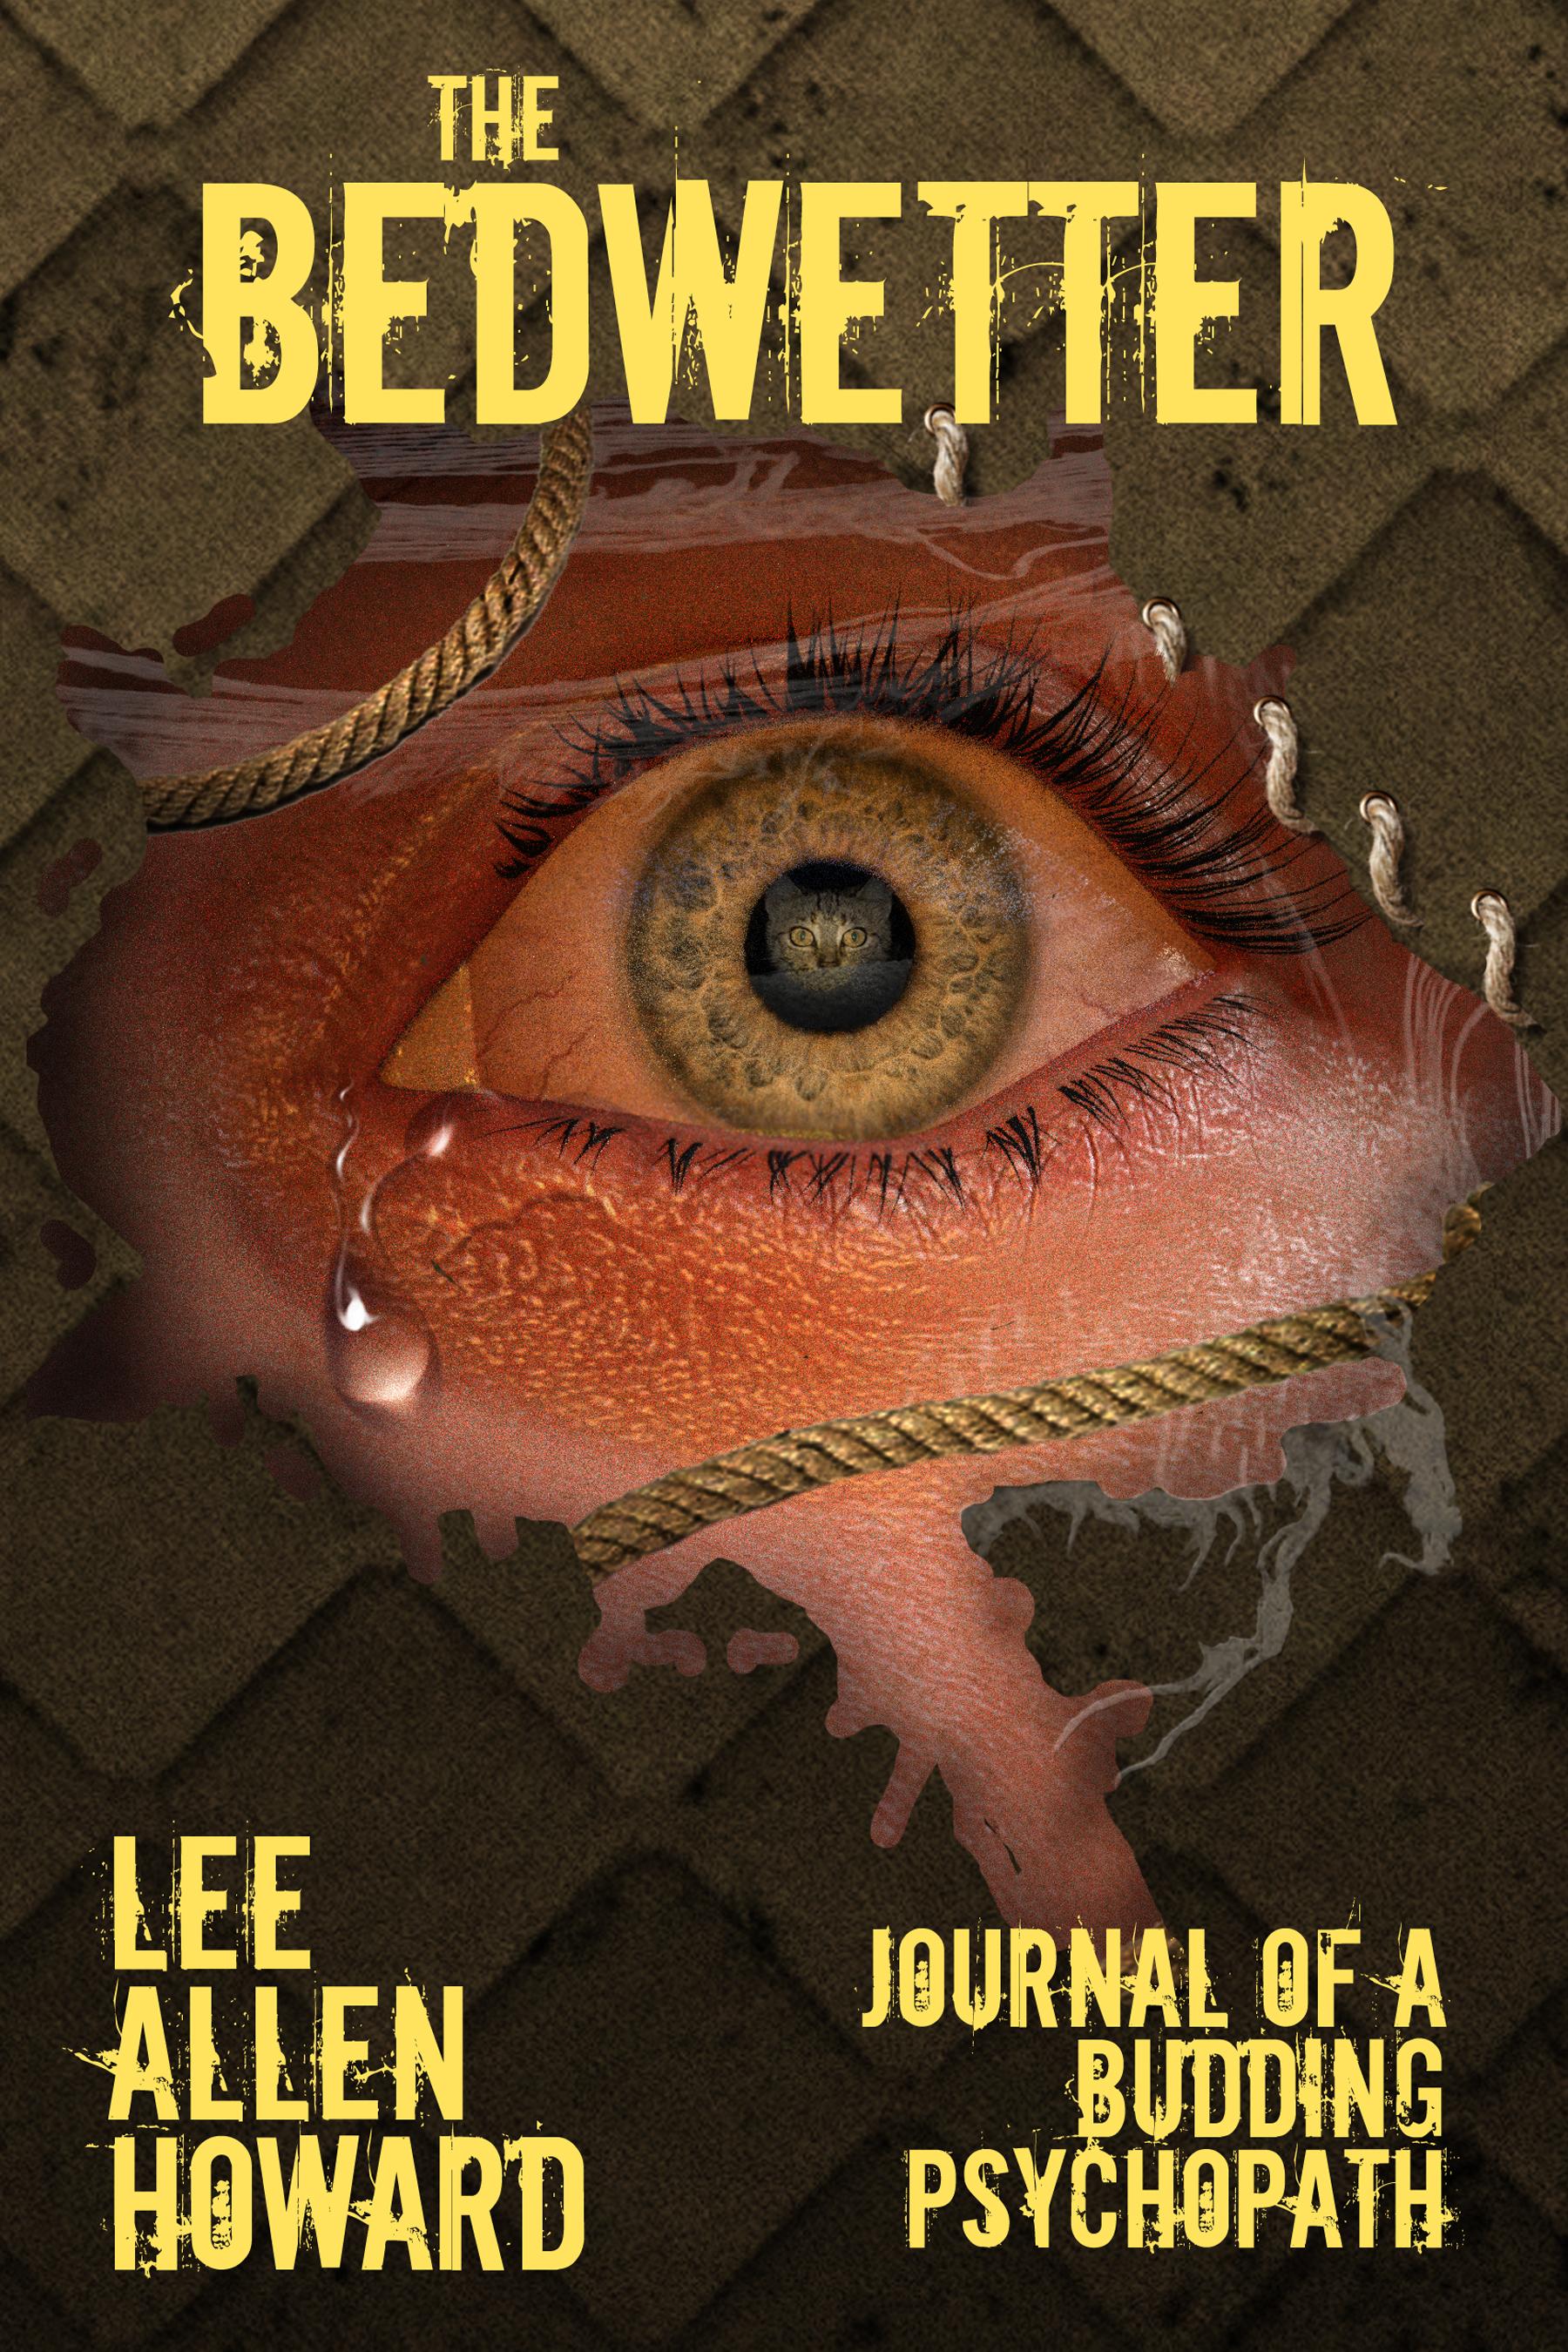 The Bedwetter_eBook.jpg